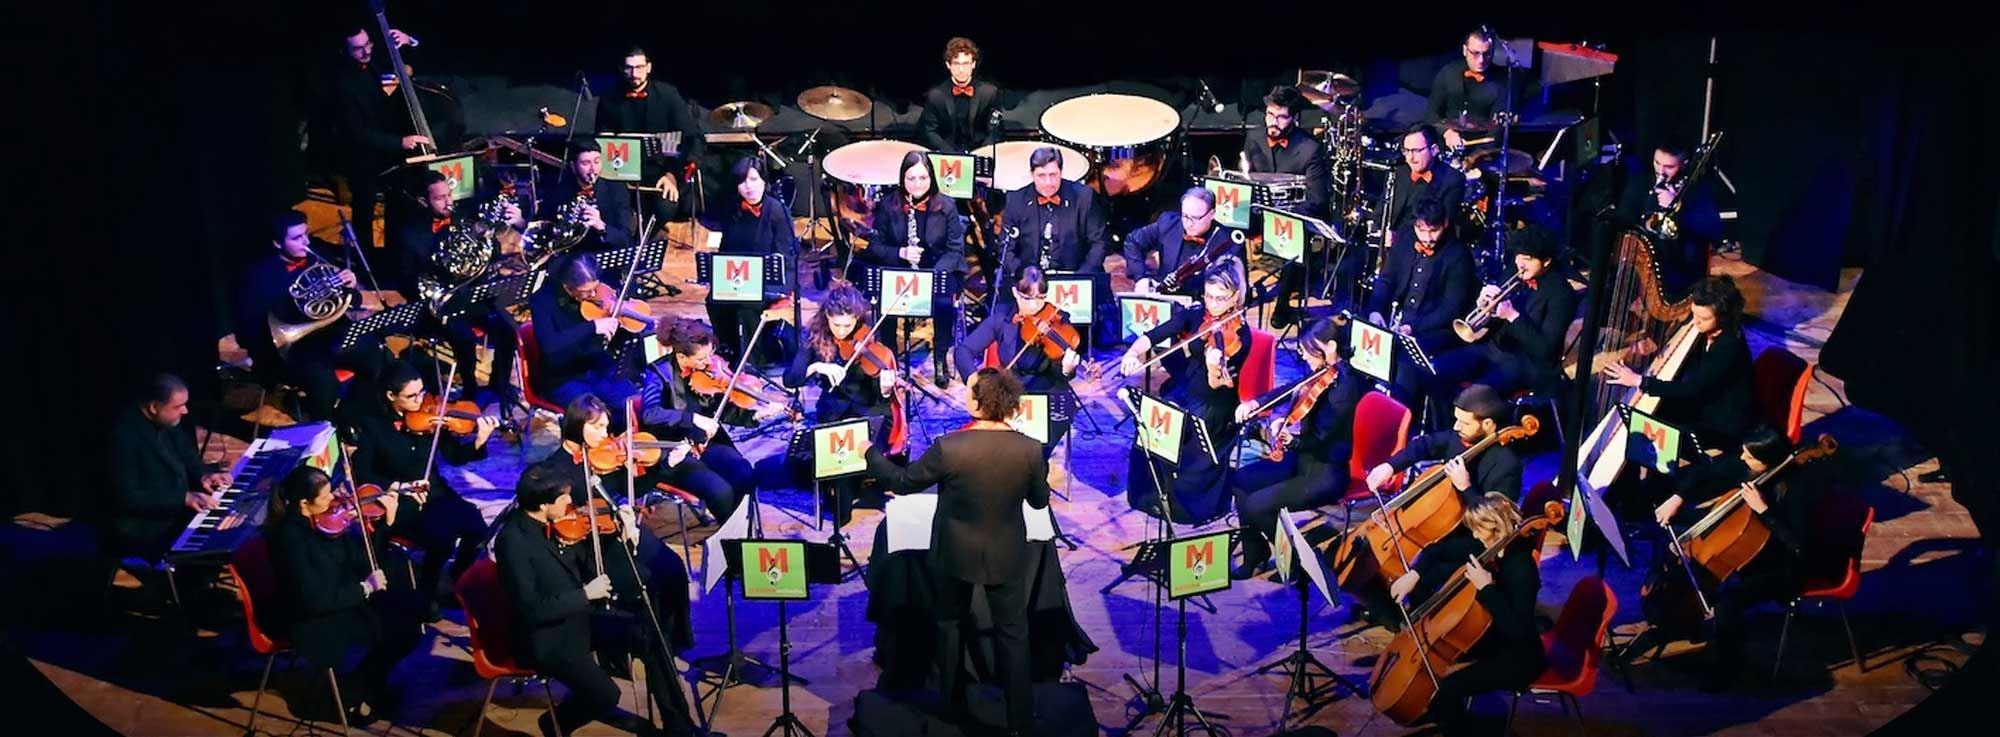 Lecce: Rudiae International Music Festival